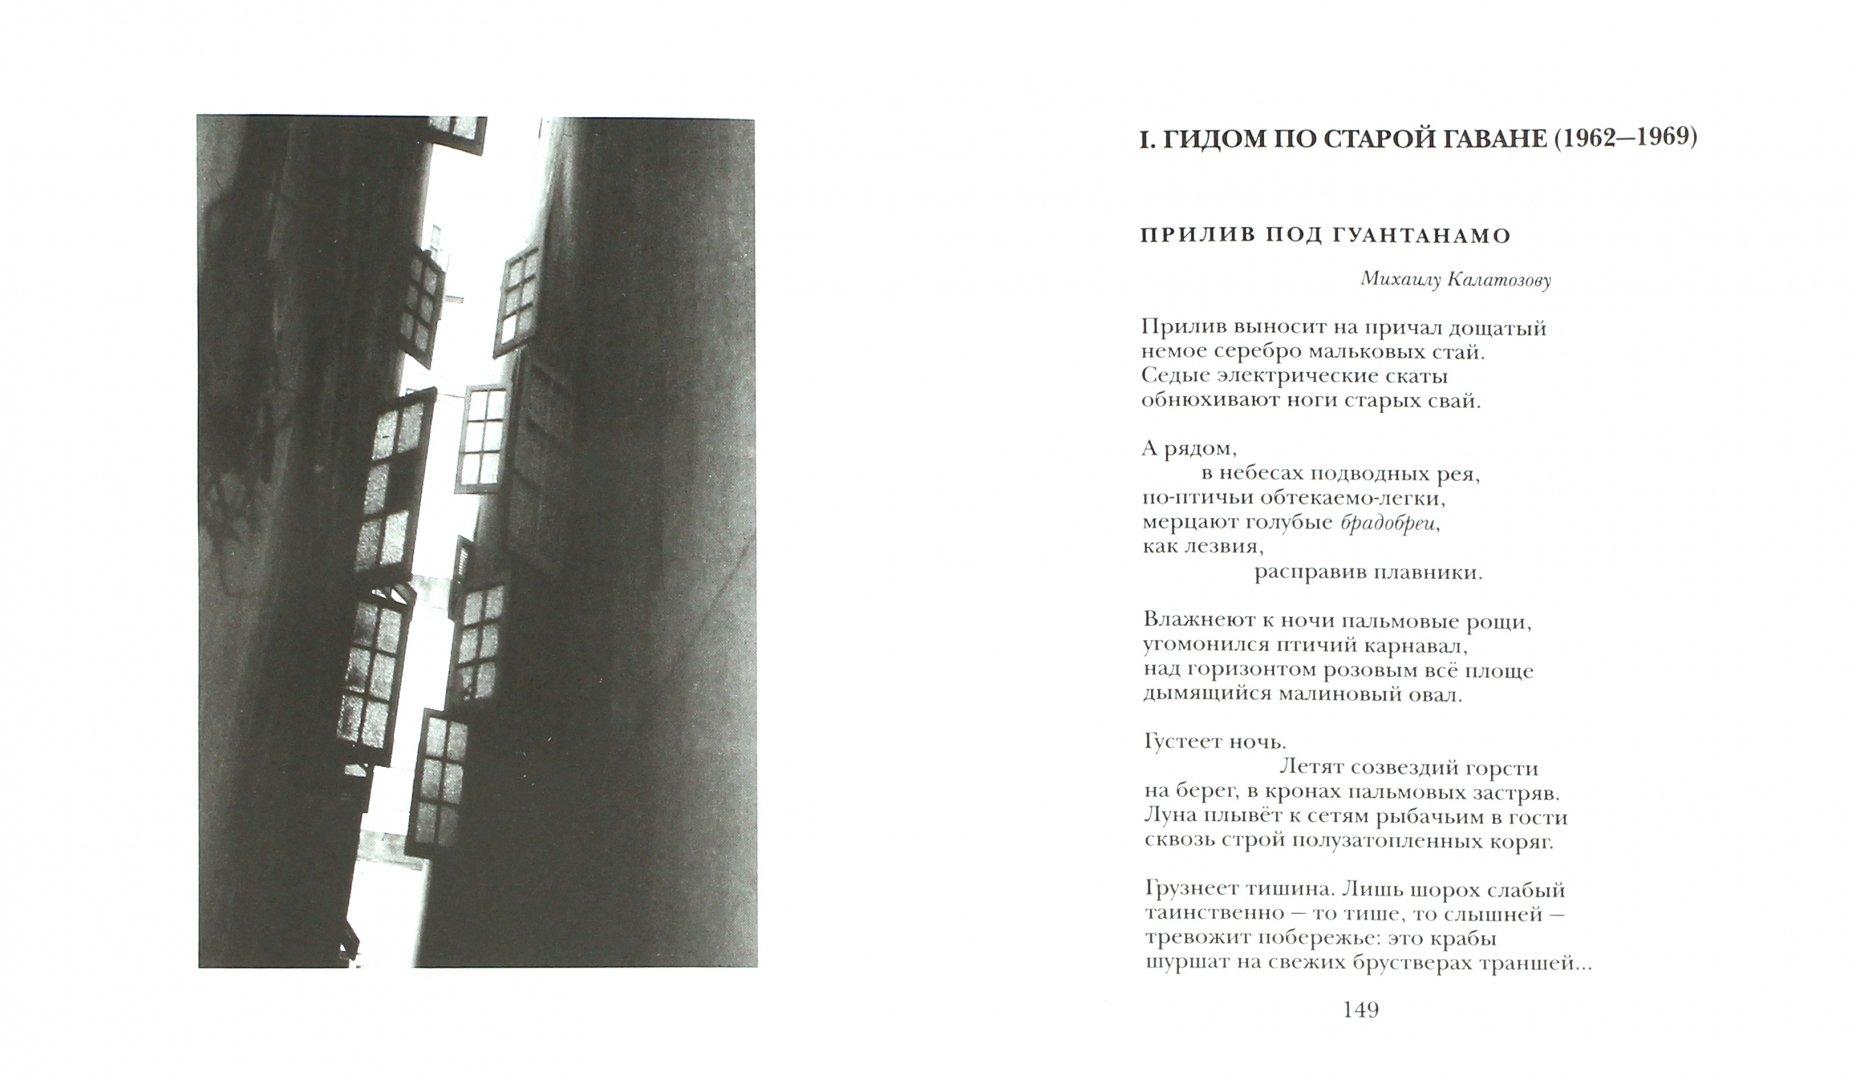 Иллюстрация 3 из 22 для Между Я и Явью: Избранные стихи - Павел Грушко | Лабиринт - книги. Источник: Лабиринт